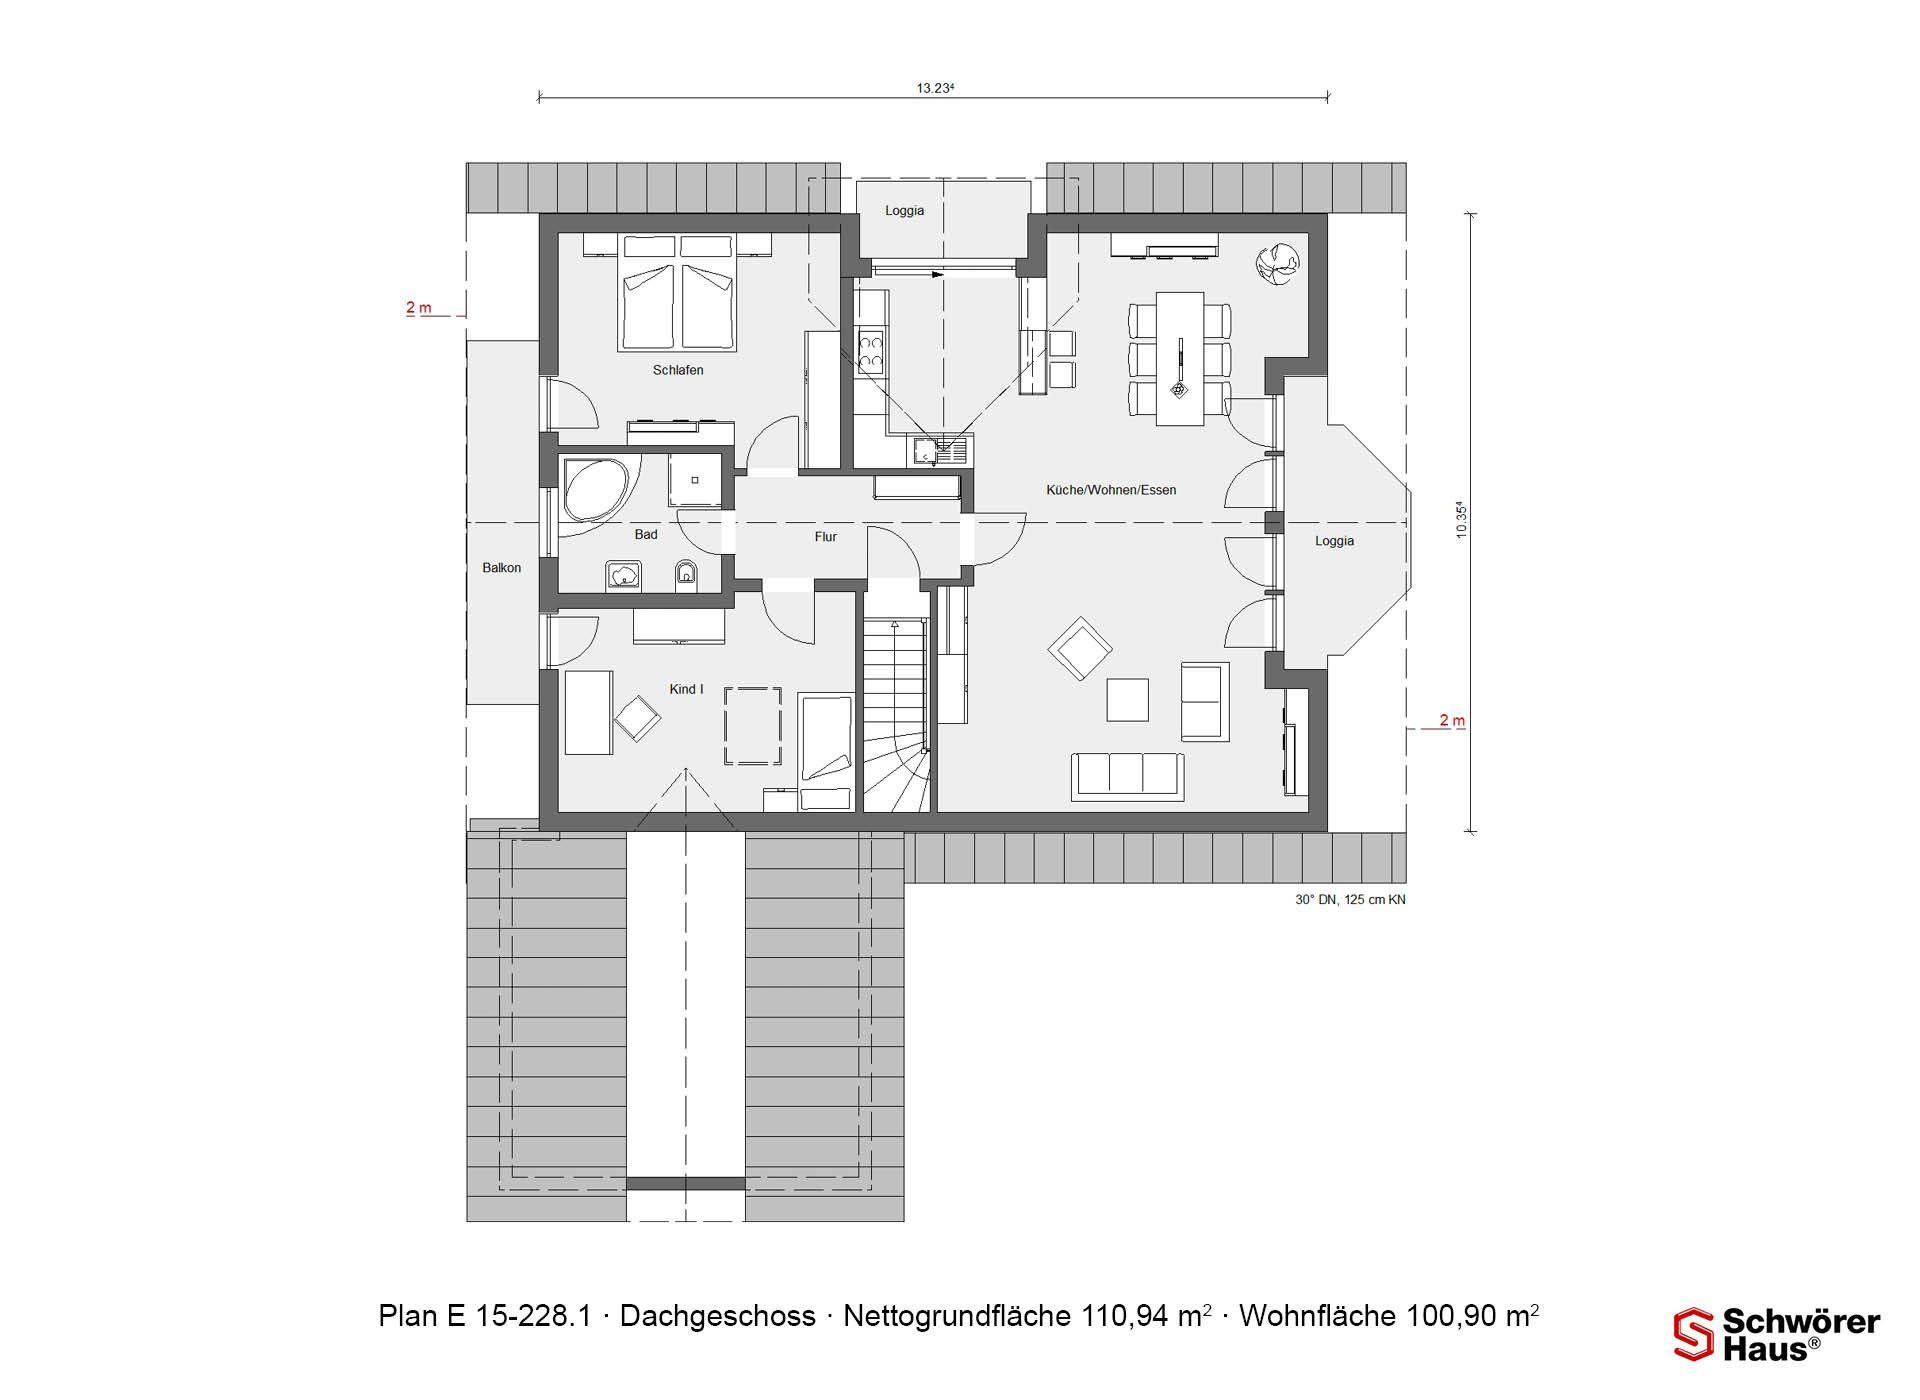 Wärme-Gewinnhaus Plan 229.3 - Eine nahaufnahme von text auf einem weißen hintergrund - Gebäudeplan